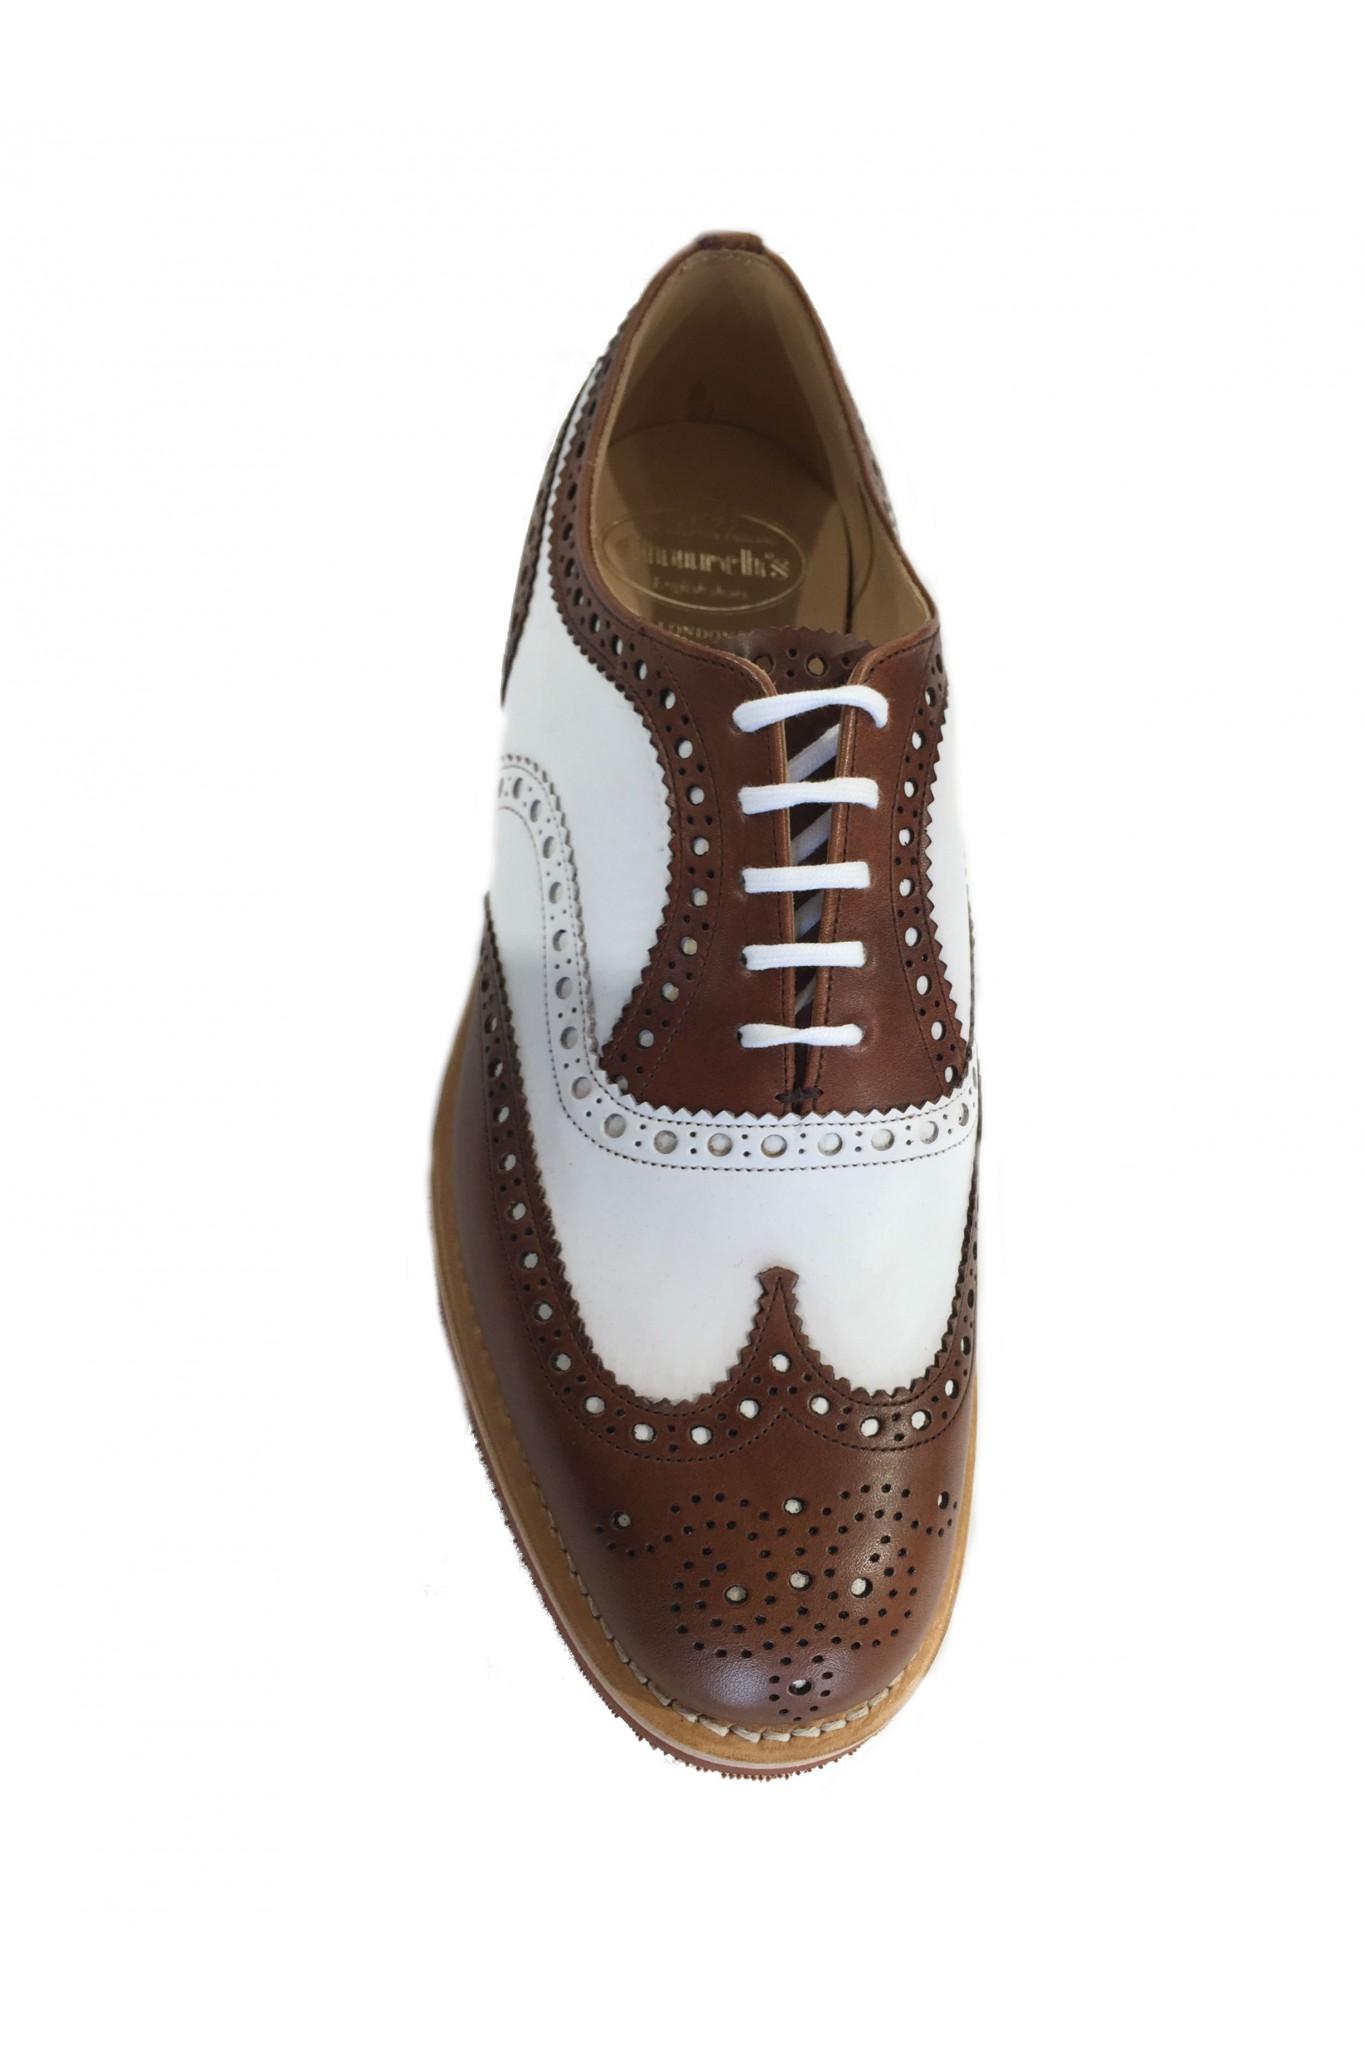 sports shoes 79a78 4233f Acquisti Online 2 Sconti su Qualsiasi Caso church's uomo ...